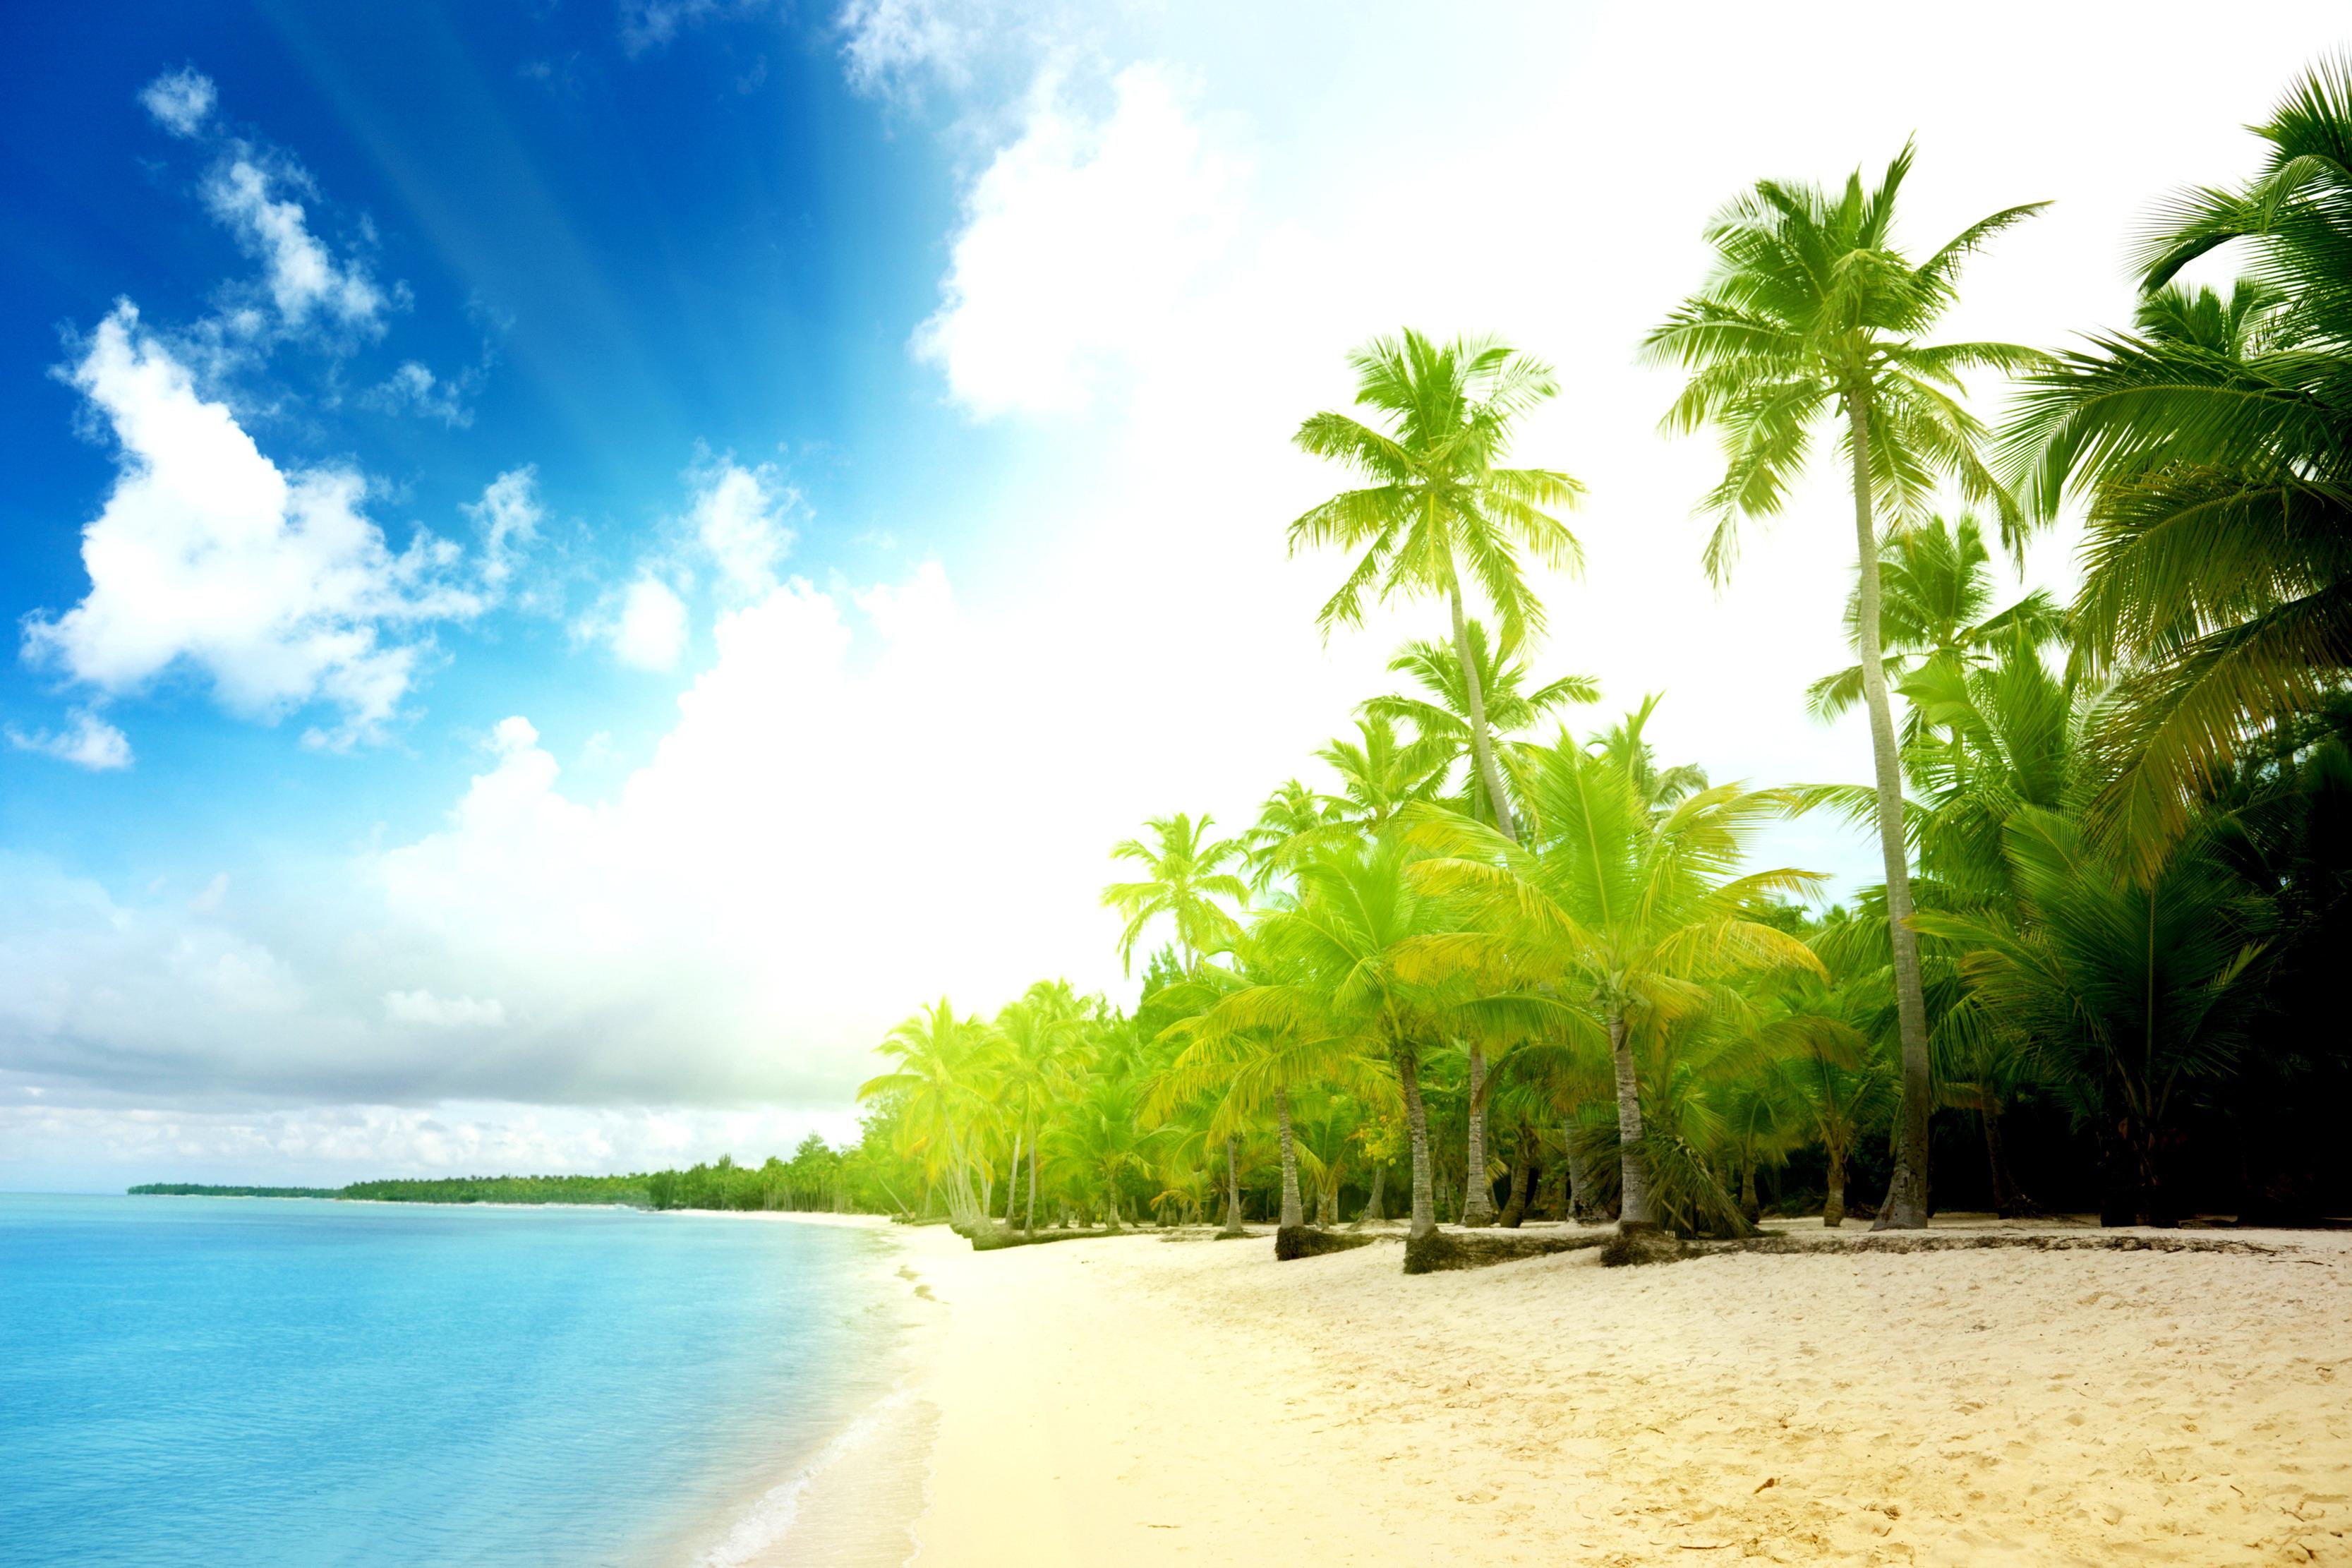 природа море облака деревья пляж скачать